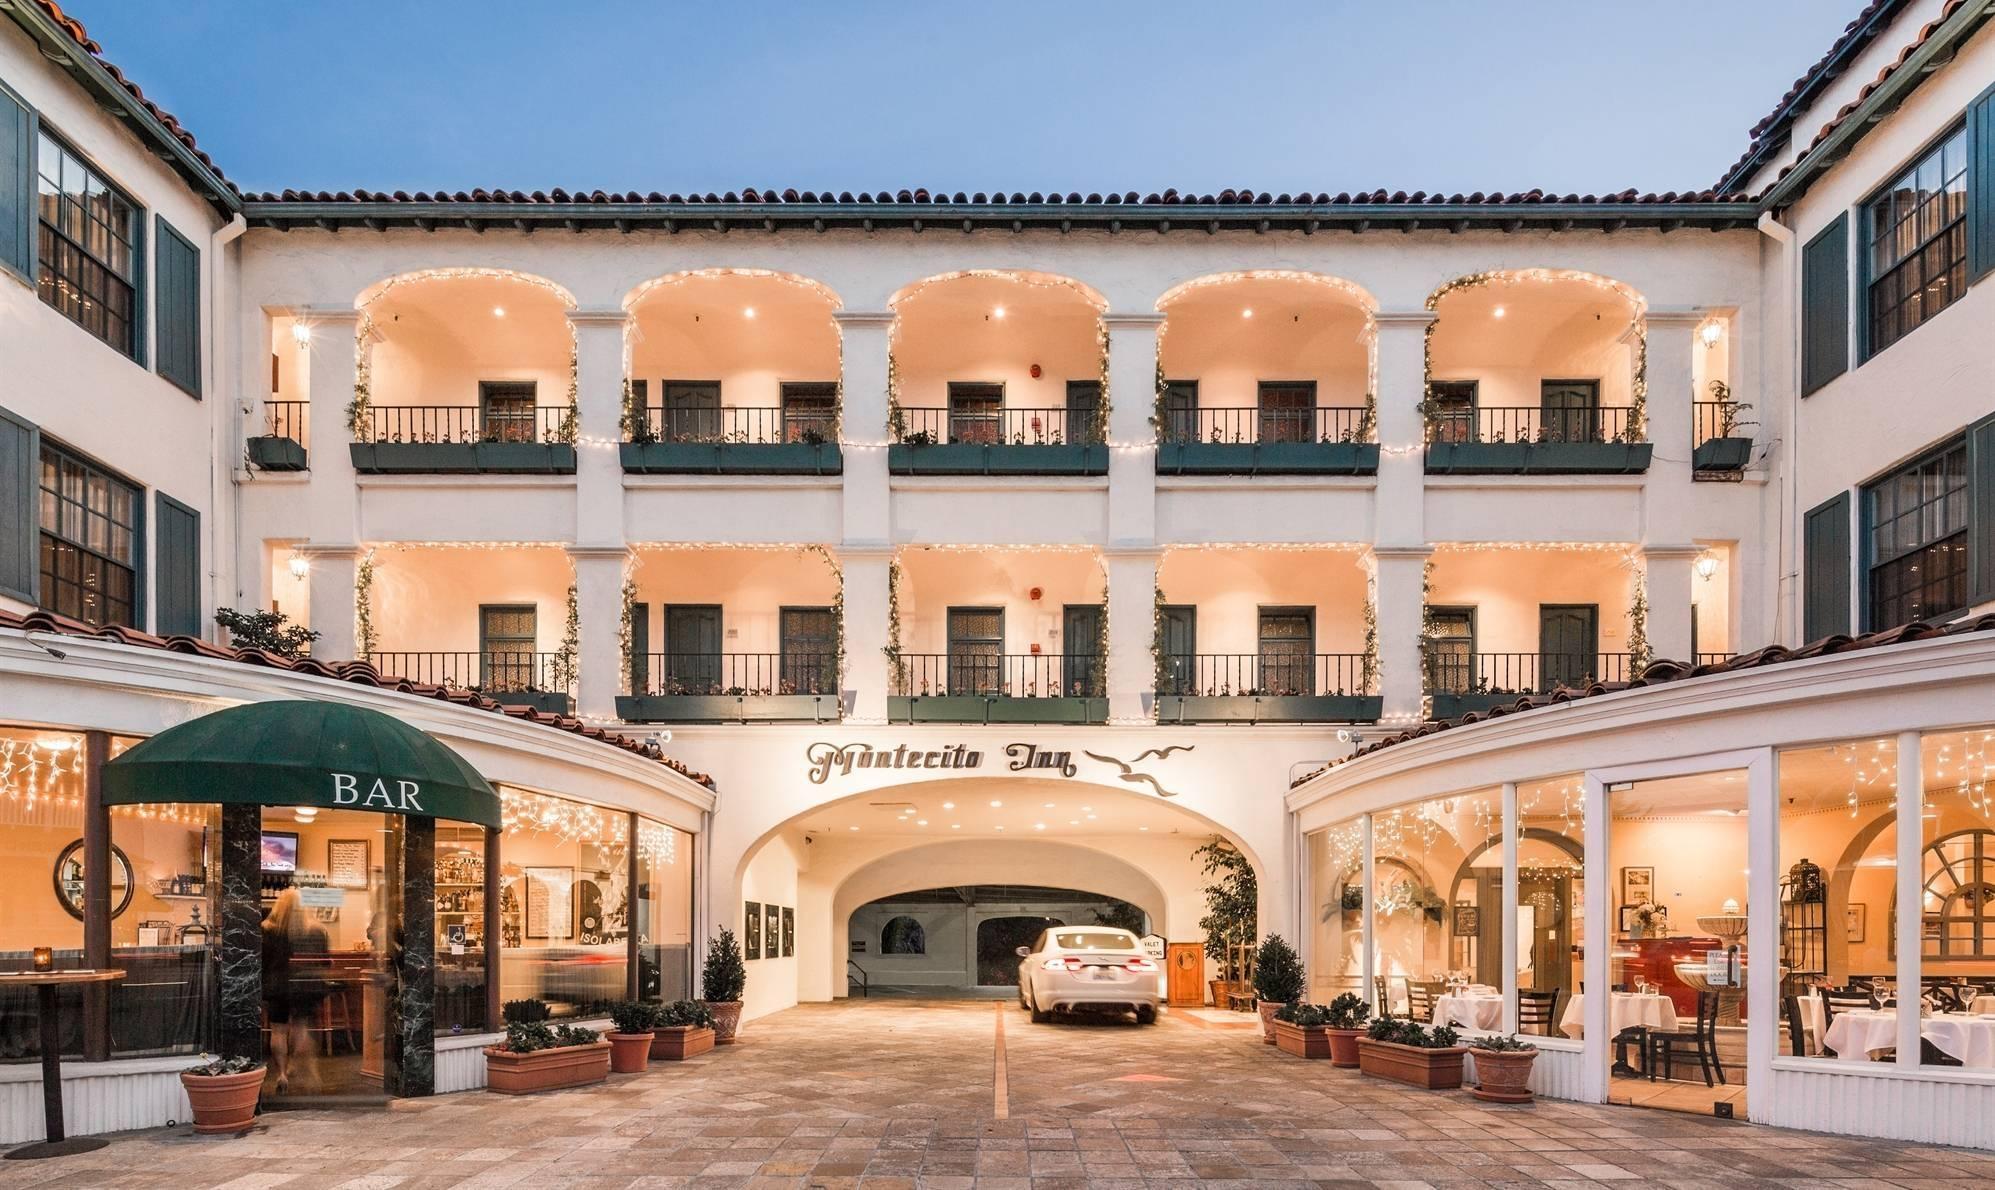 Montecito Inn santa barbara hotel suites exterior